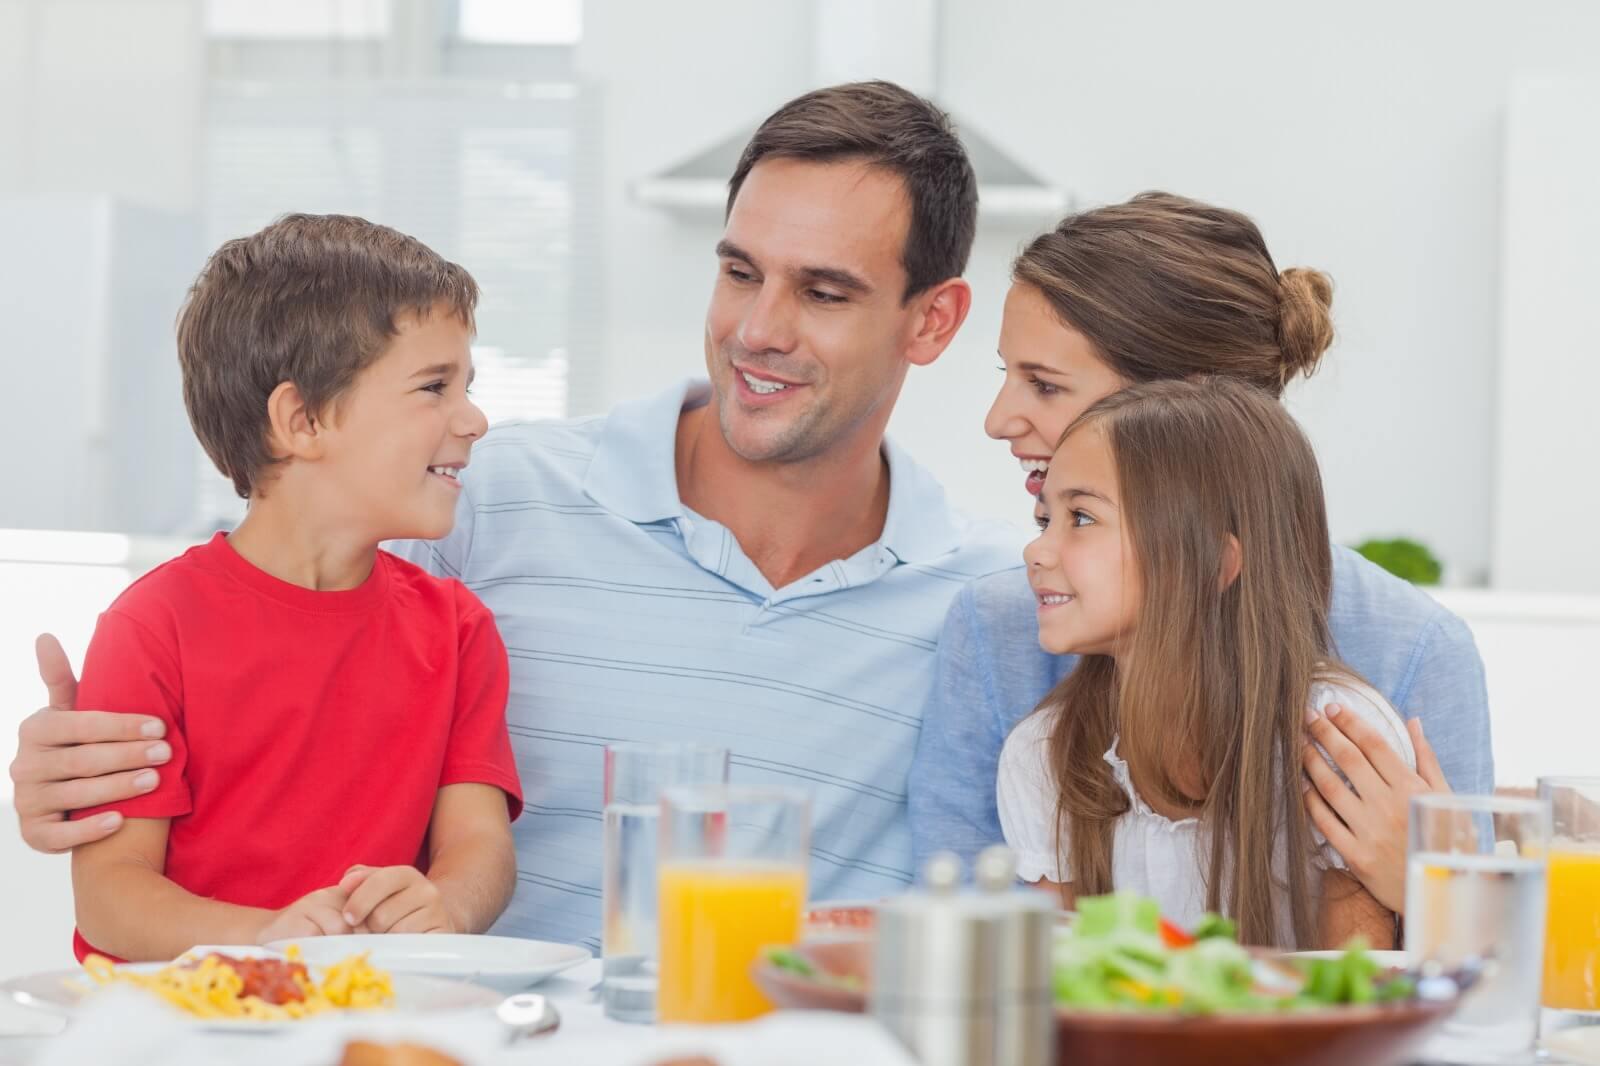 שיח משפחתי, ארוחת משפחתית, מריבות בן אחים ,